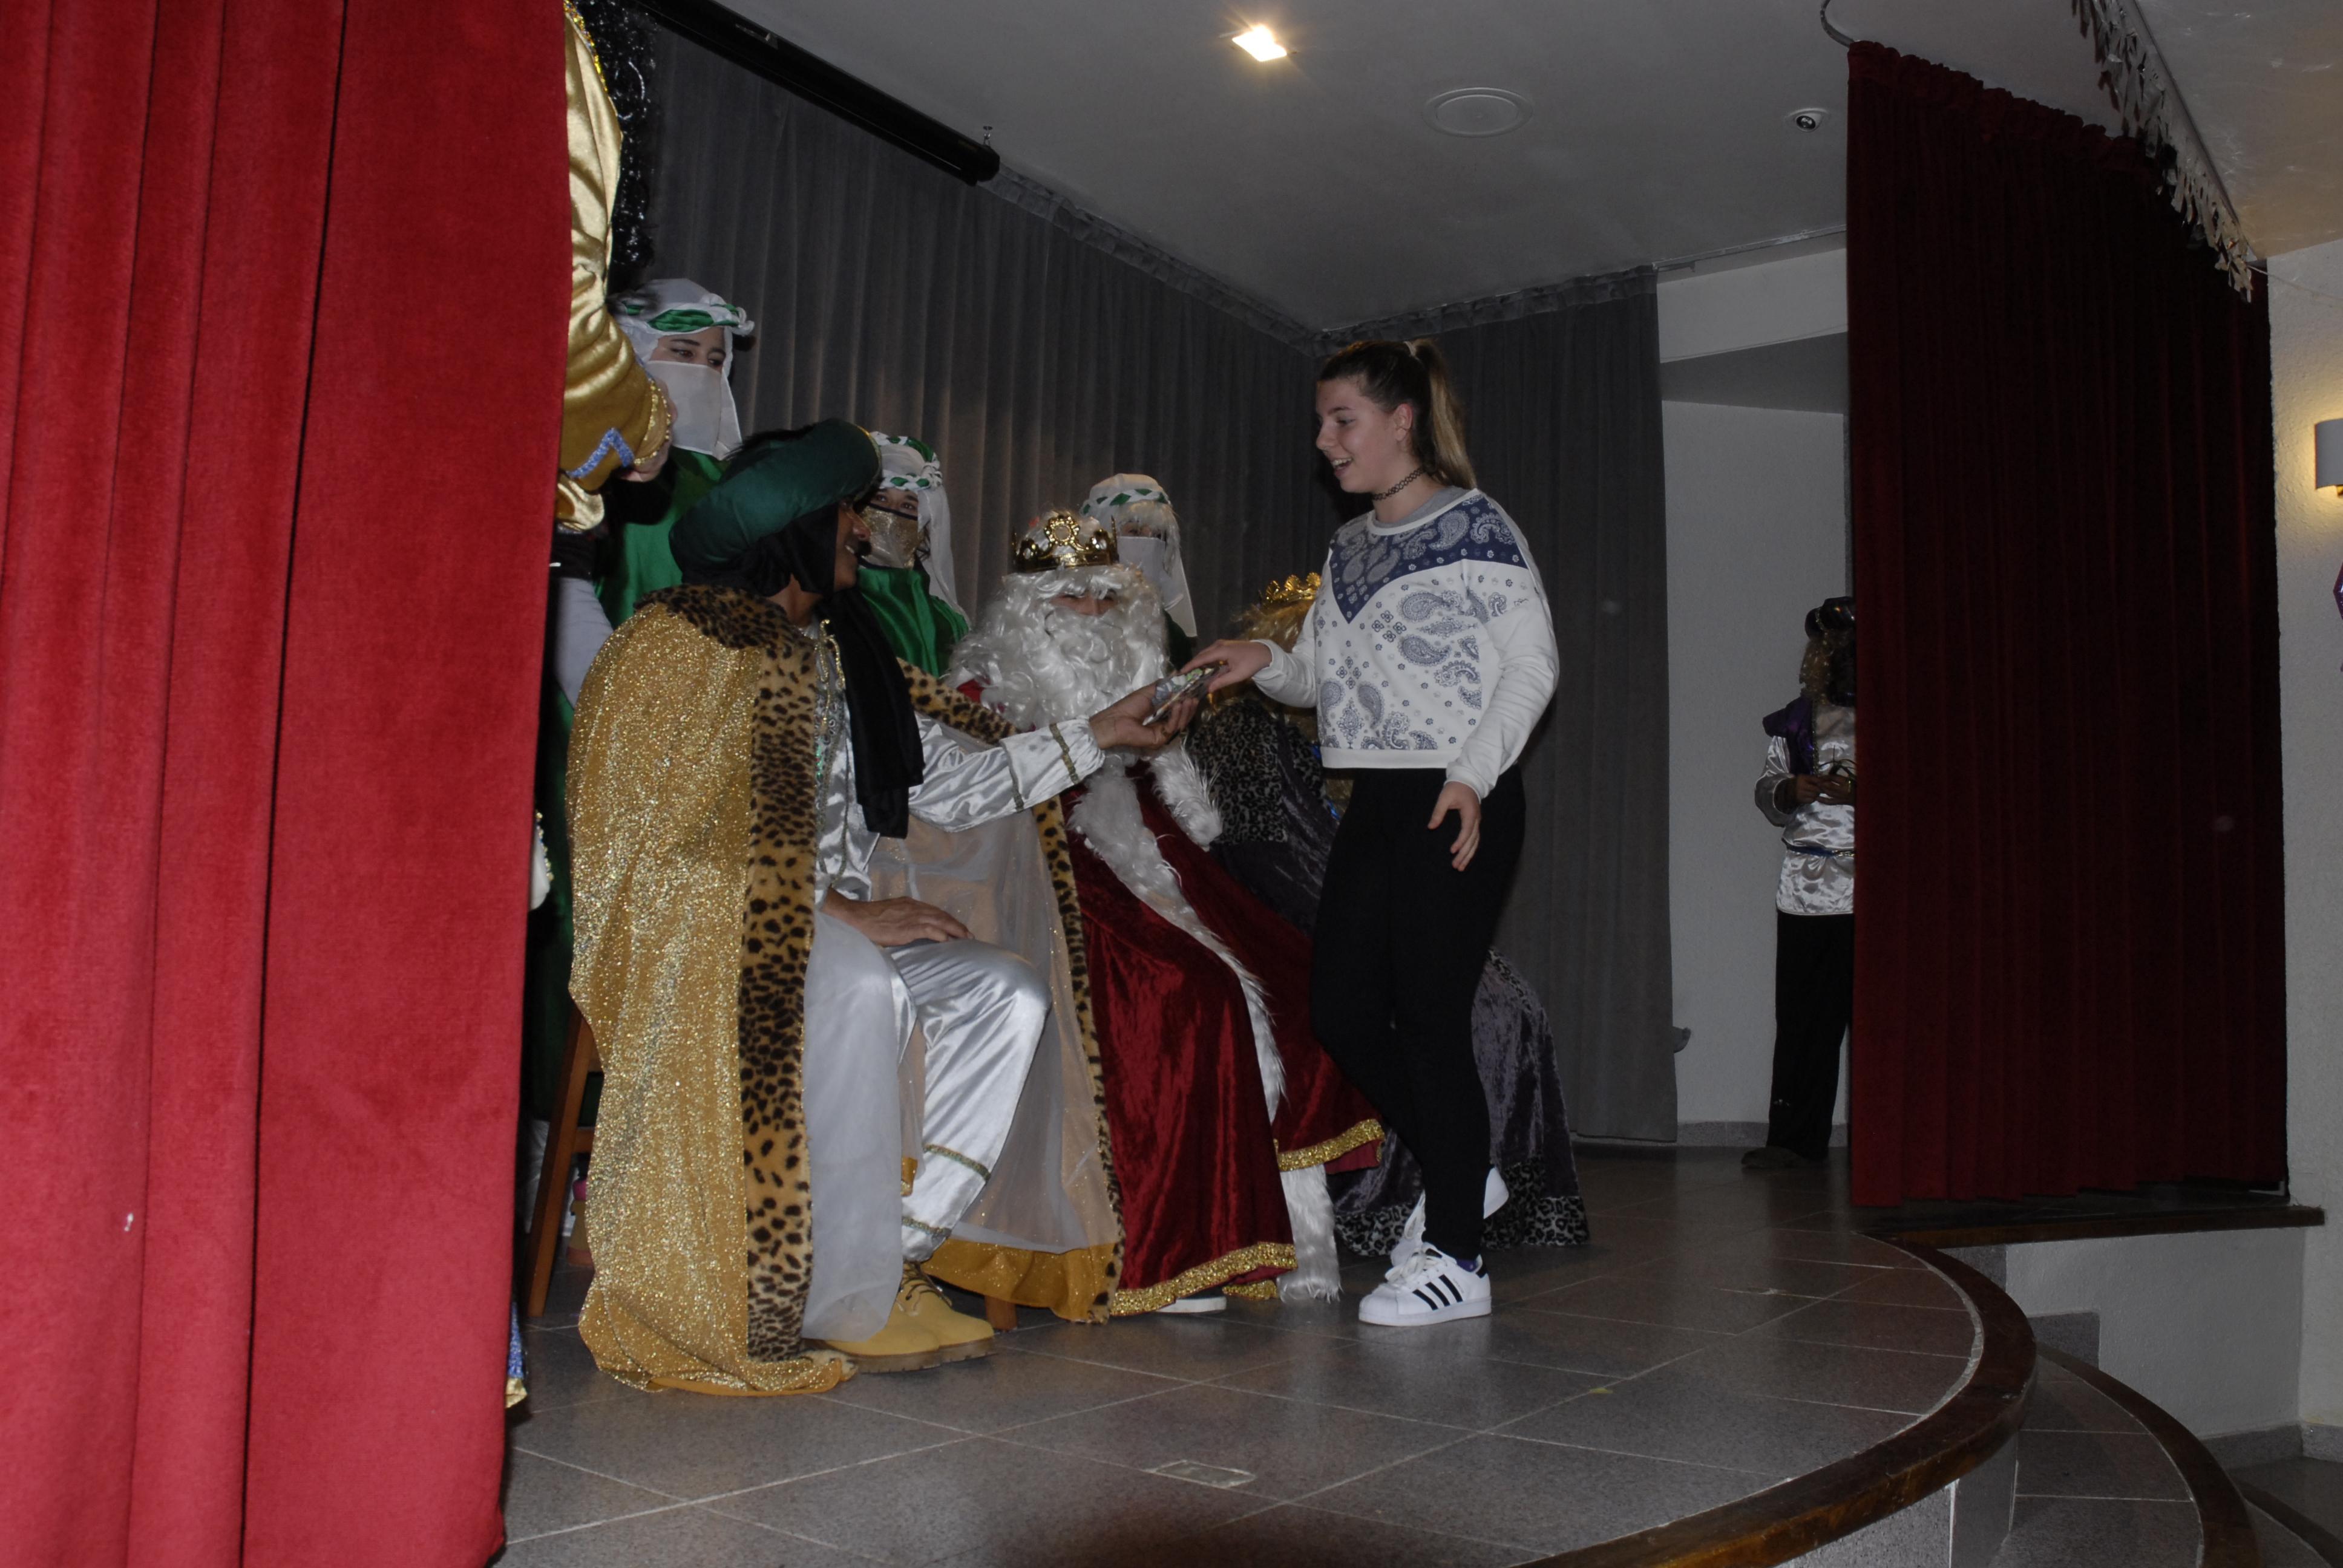 cabalgata-reyes-magos-2017-38